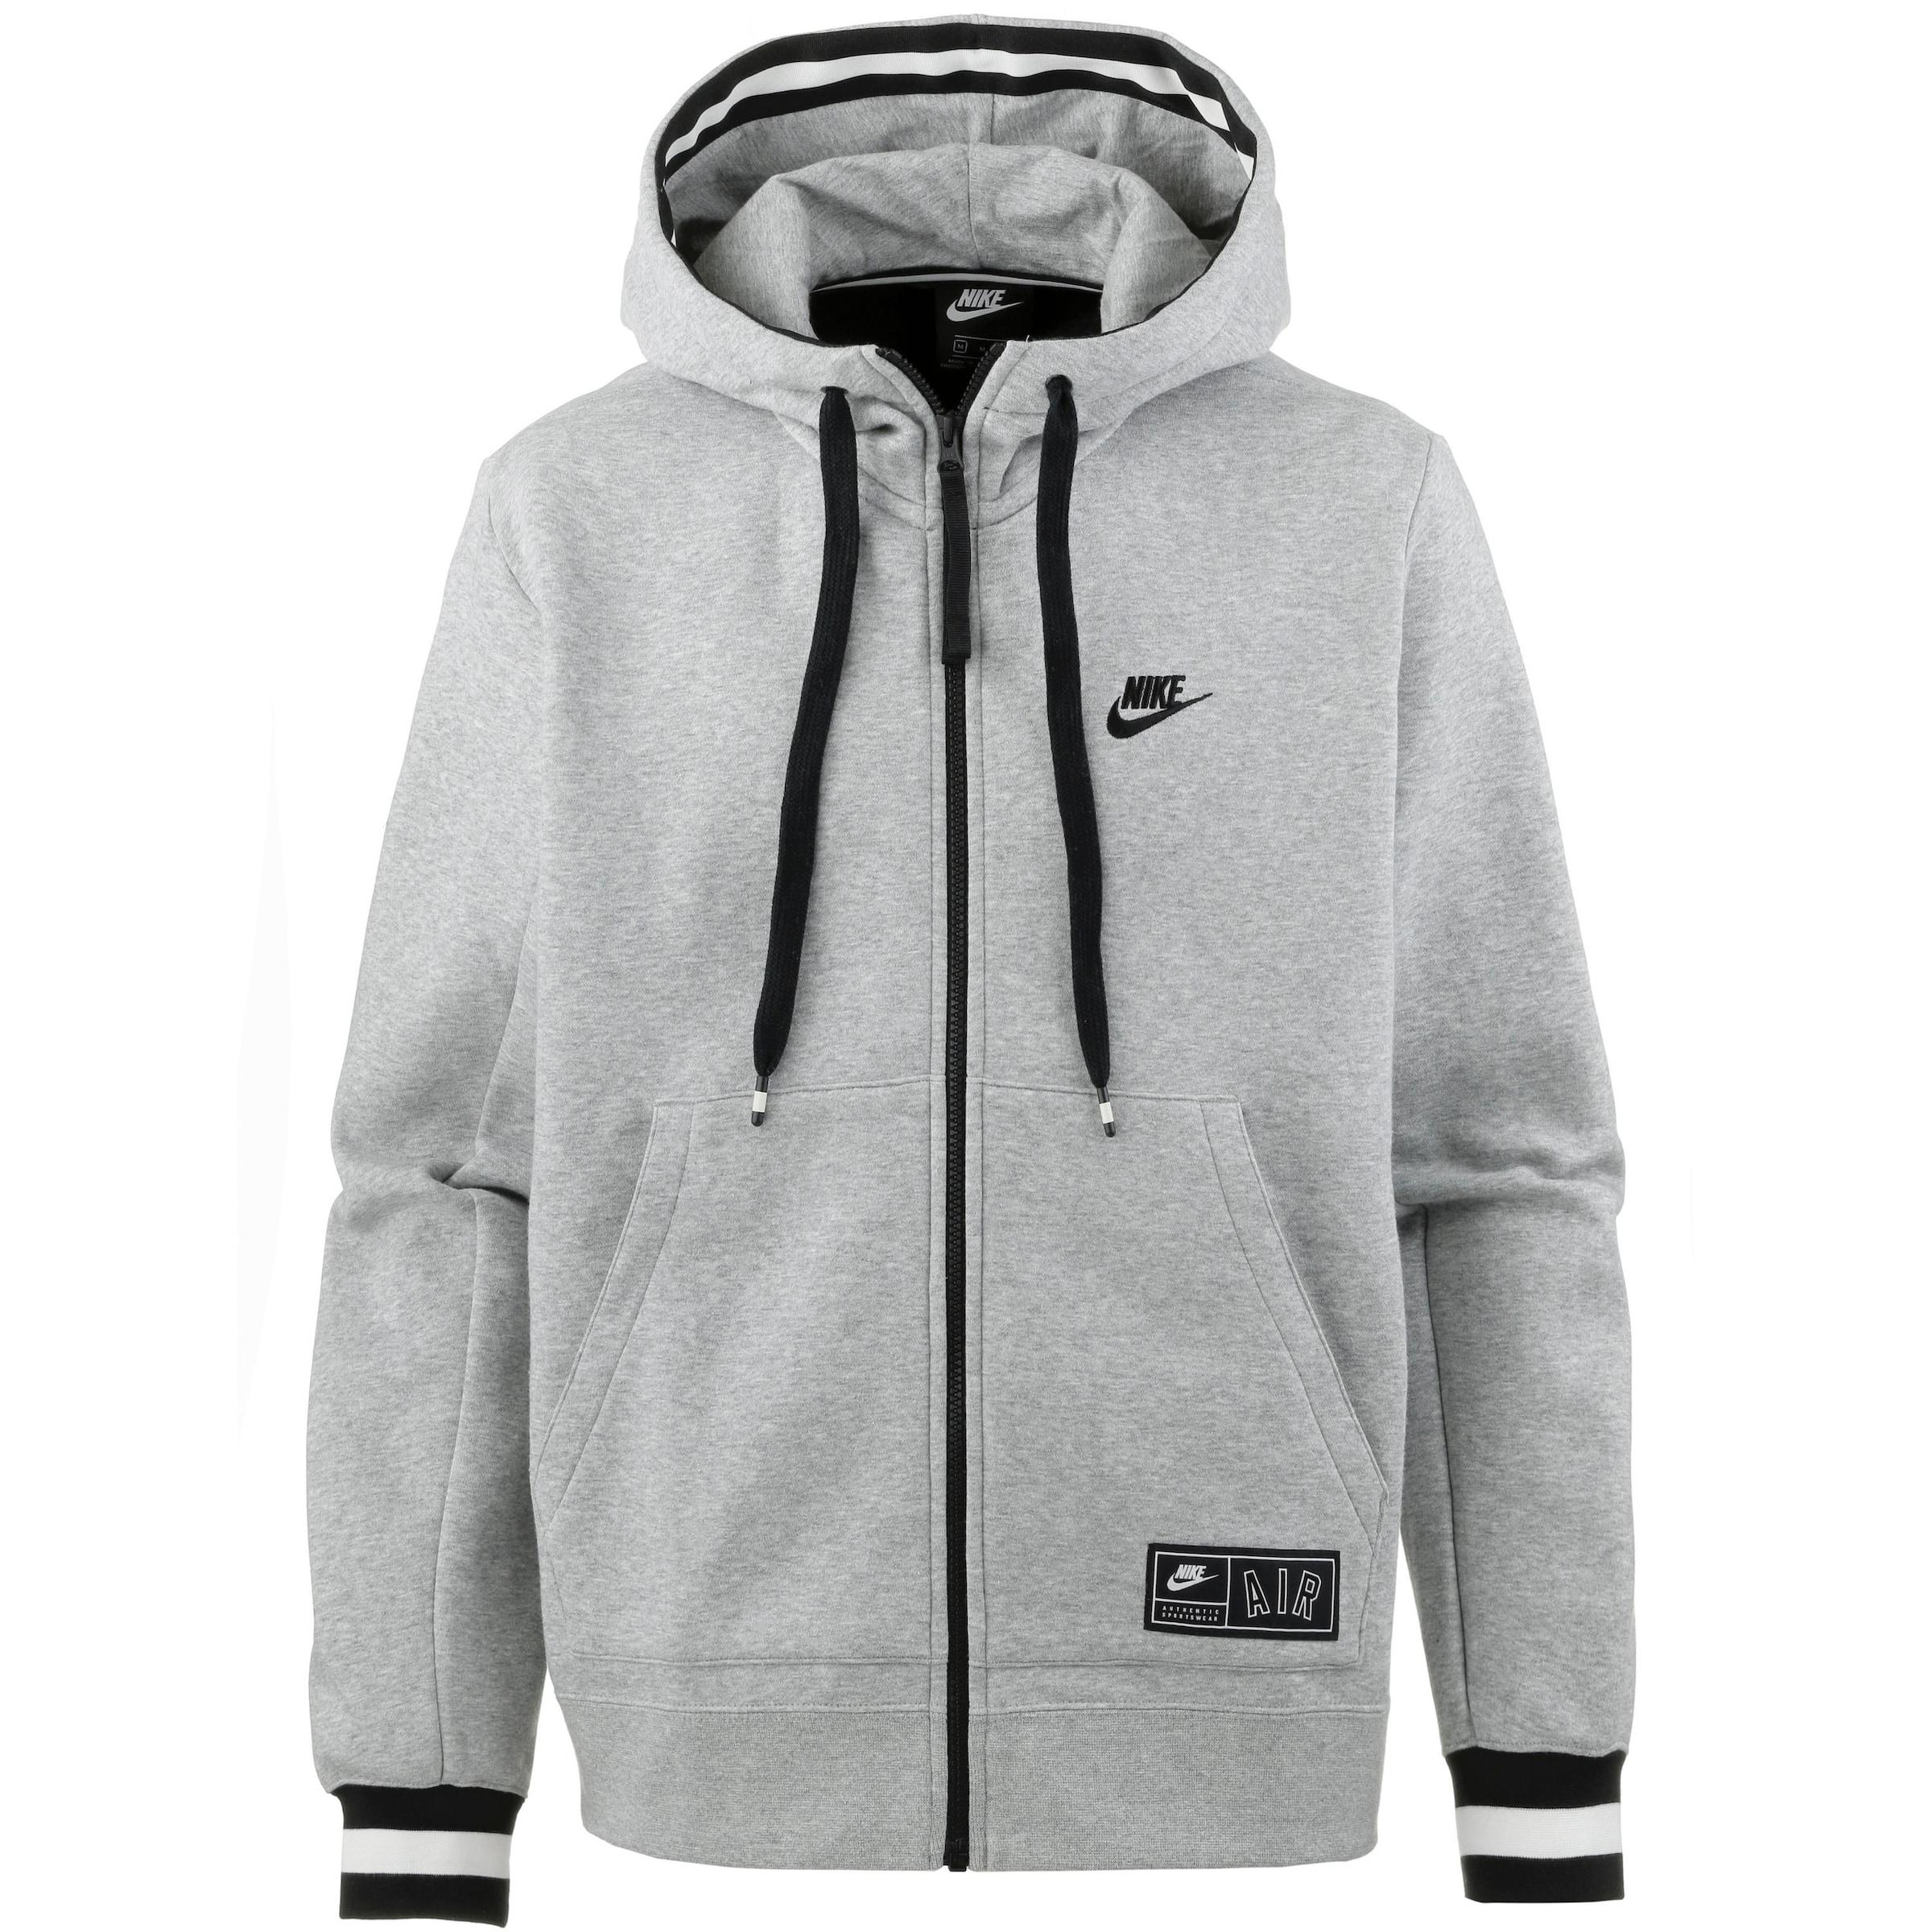 'nike Air' Weiß In Sportswear Sweatjacke GraumeliertSchwarz Nike n0OPk8w